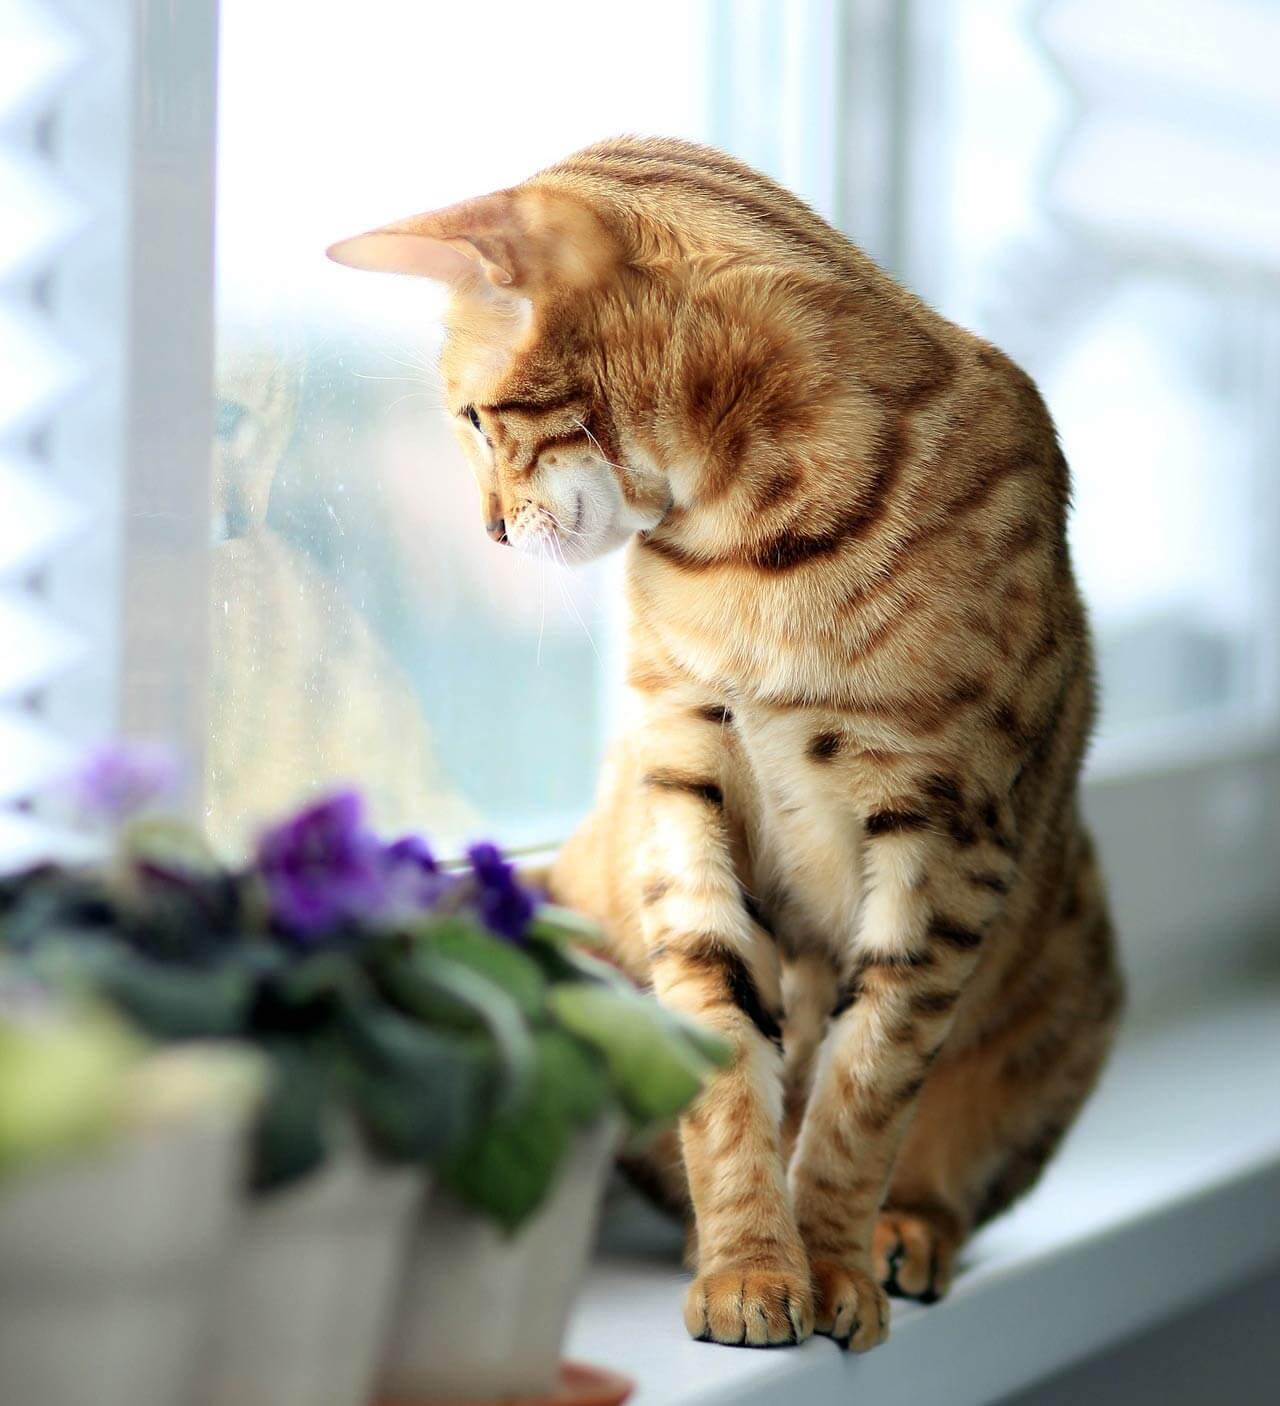 Wie lange kannst du eine Katze alleine lassen?